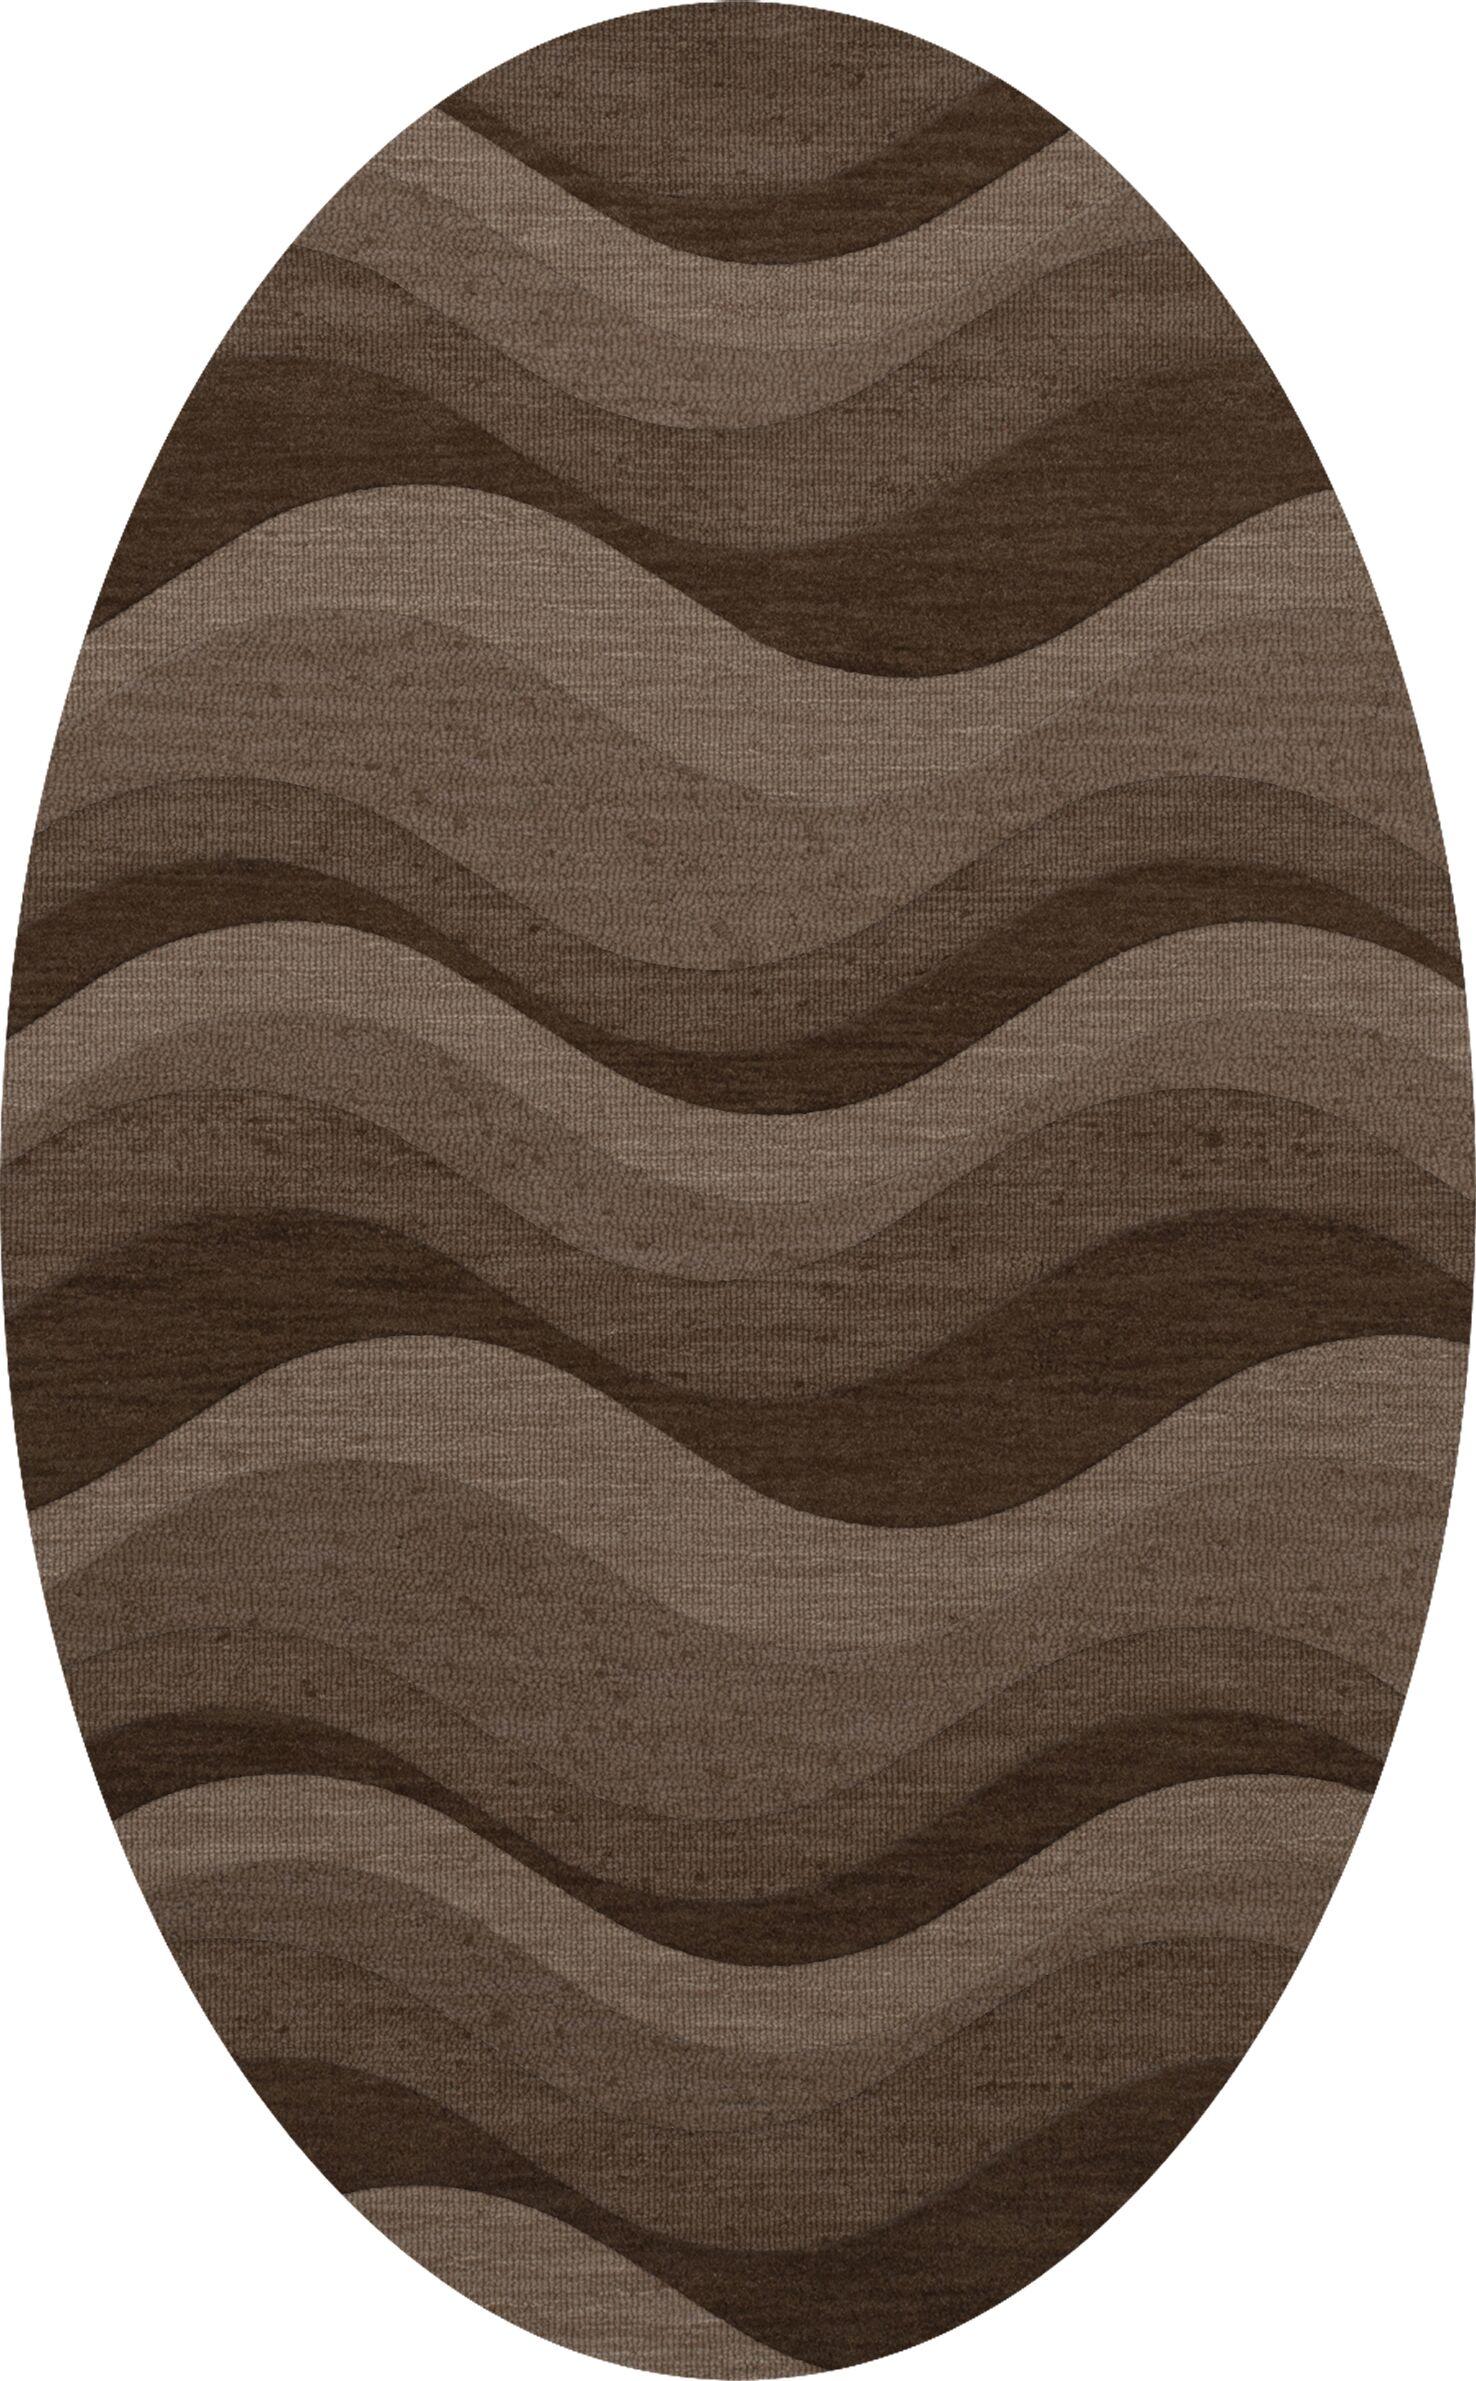 Haller Wool Chipmunk Area Rug Rug Size: Oval 10' x 14'